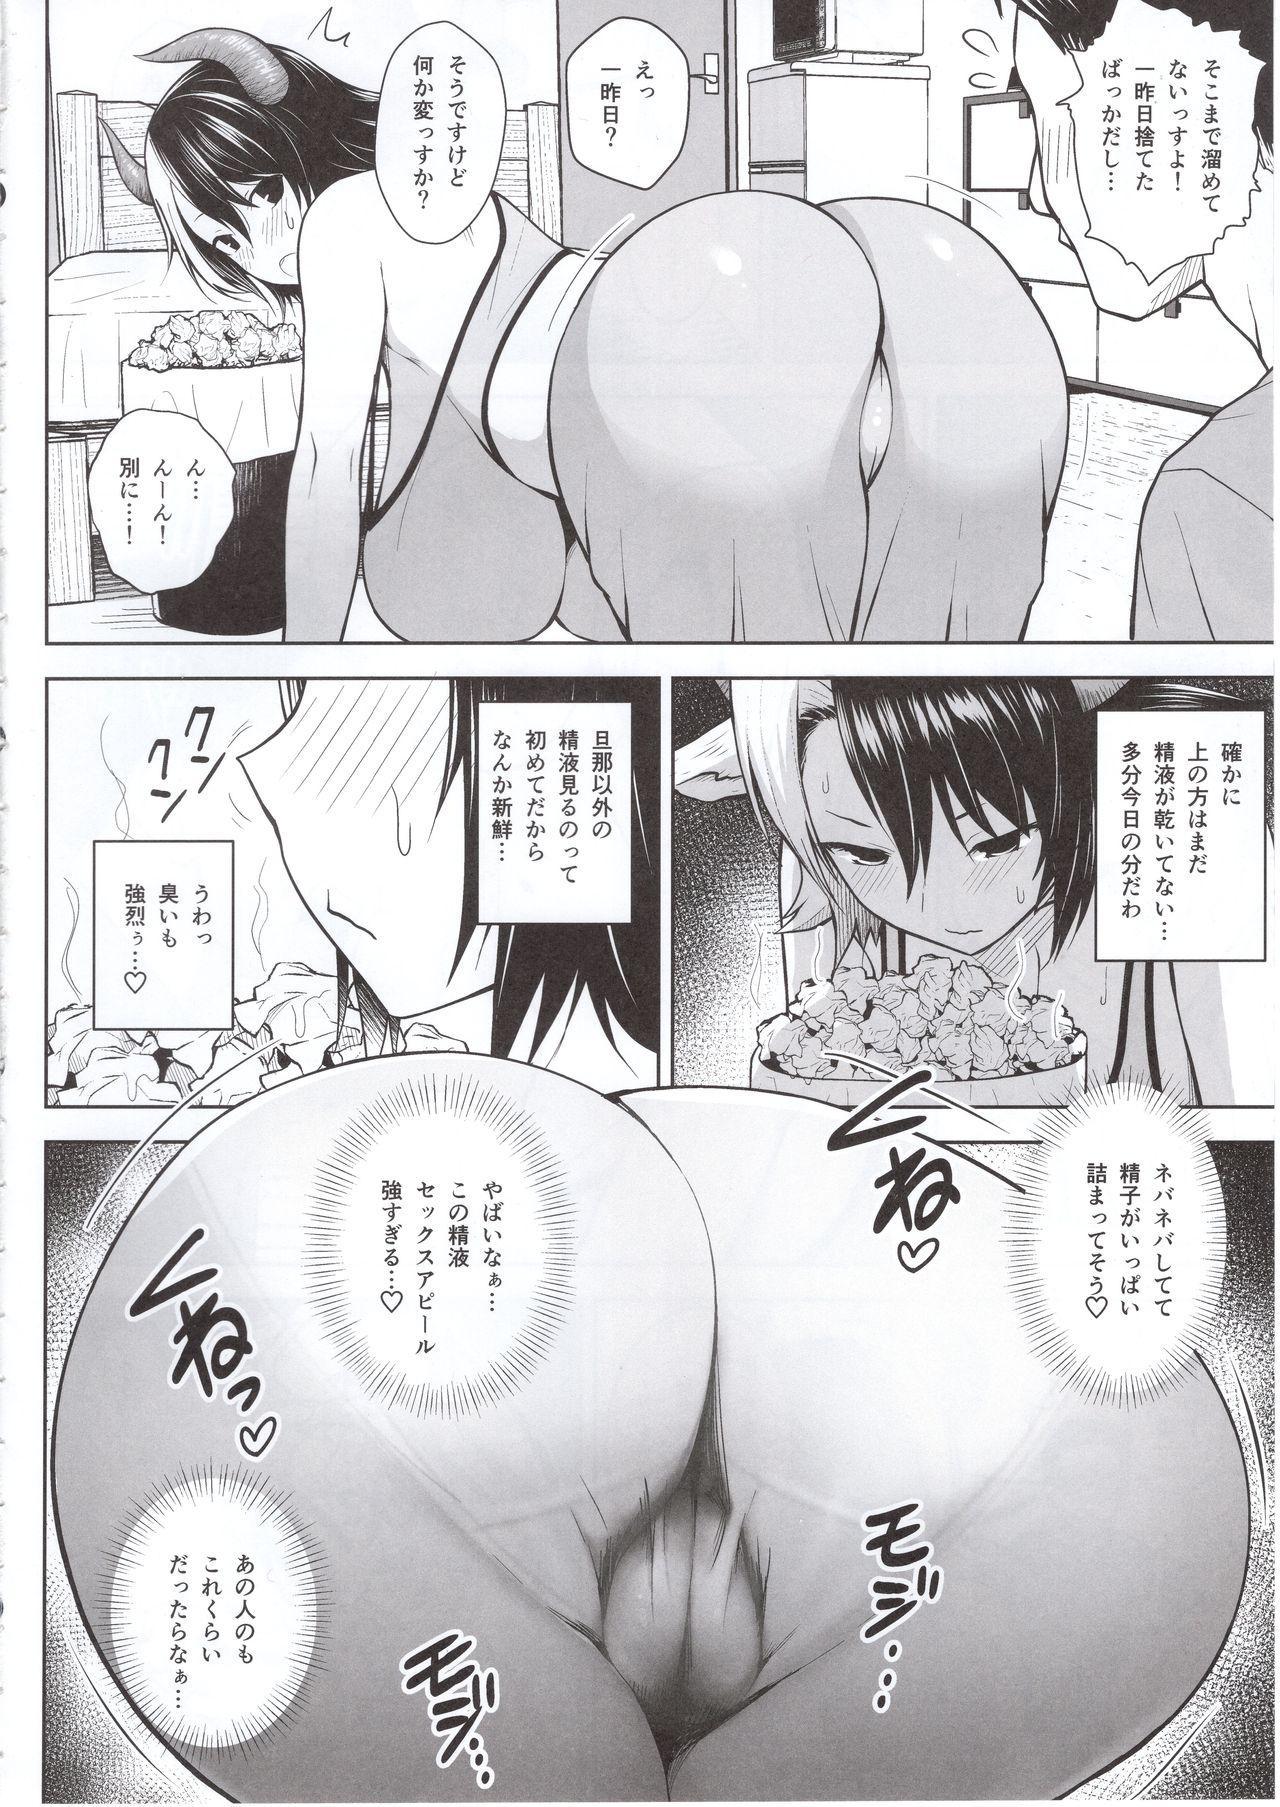 Oku-san no Oppai ga Dekasugiru noga Warui! 4